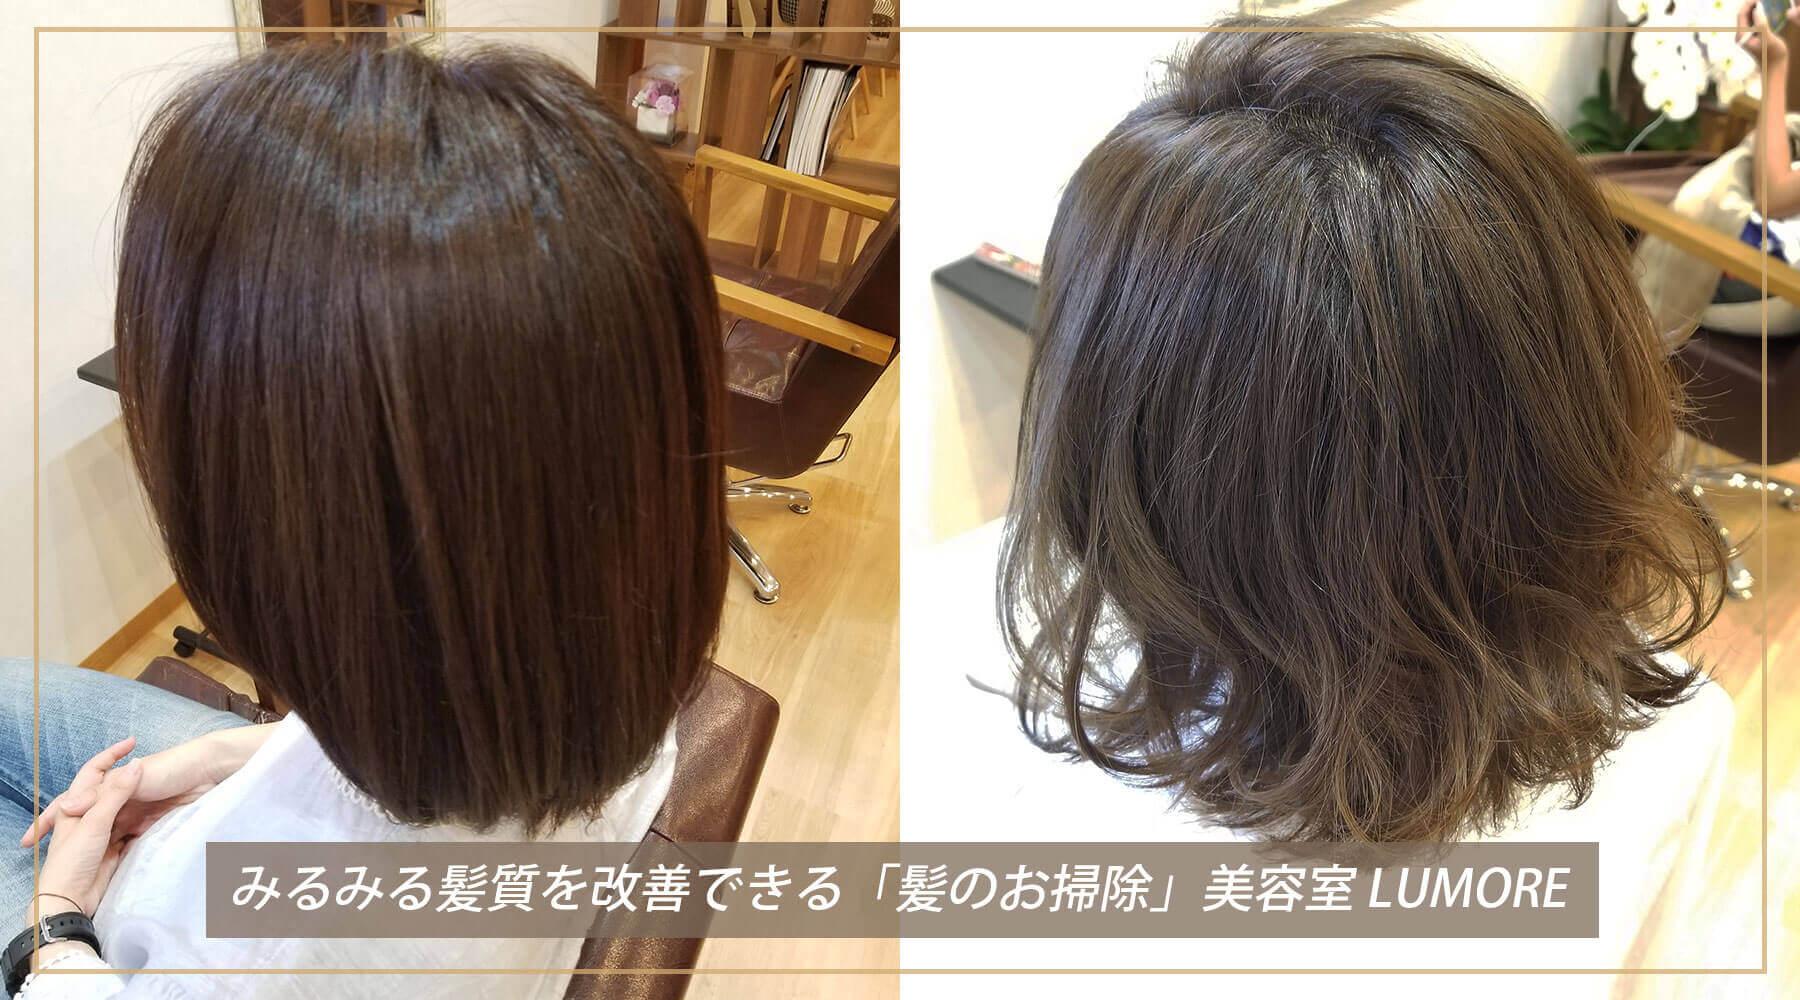 住吉区の美容室 | 髪のお掃除美容室LUMORE ヘッダーその1  みるみる髪質を改善できる「髪のお掃除」美容室 LUMORE